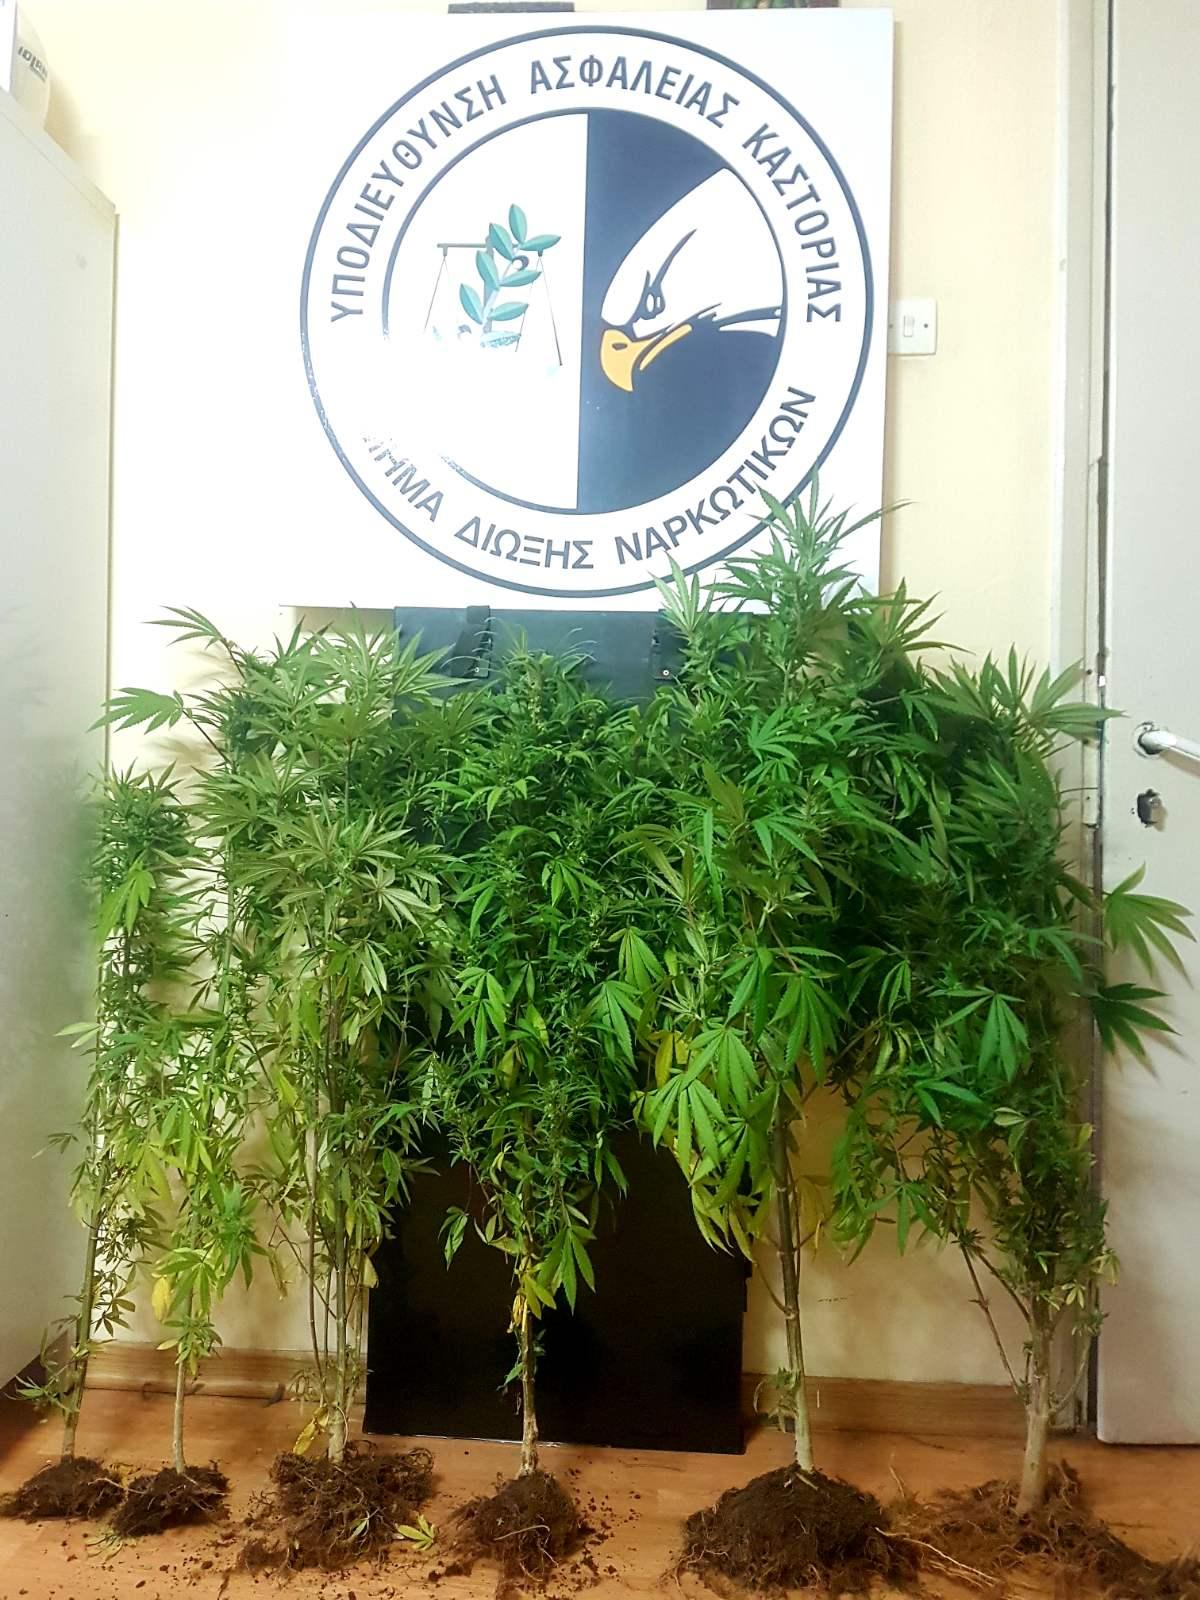 Συνελήφθη 73χρονος σε περιοχή της Καστοριάς για καλλιέργεια δενδρυλλίων κάνναβης και κατοχή ναρκωτικών ουσιών (Φωτογραφία)